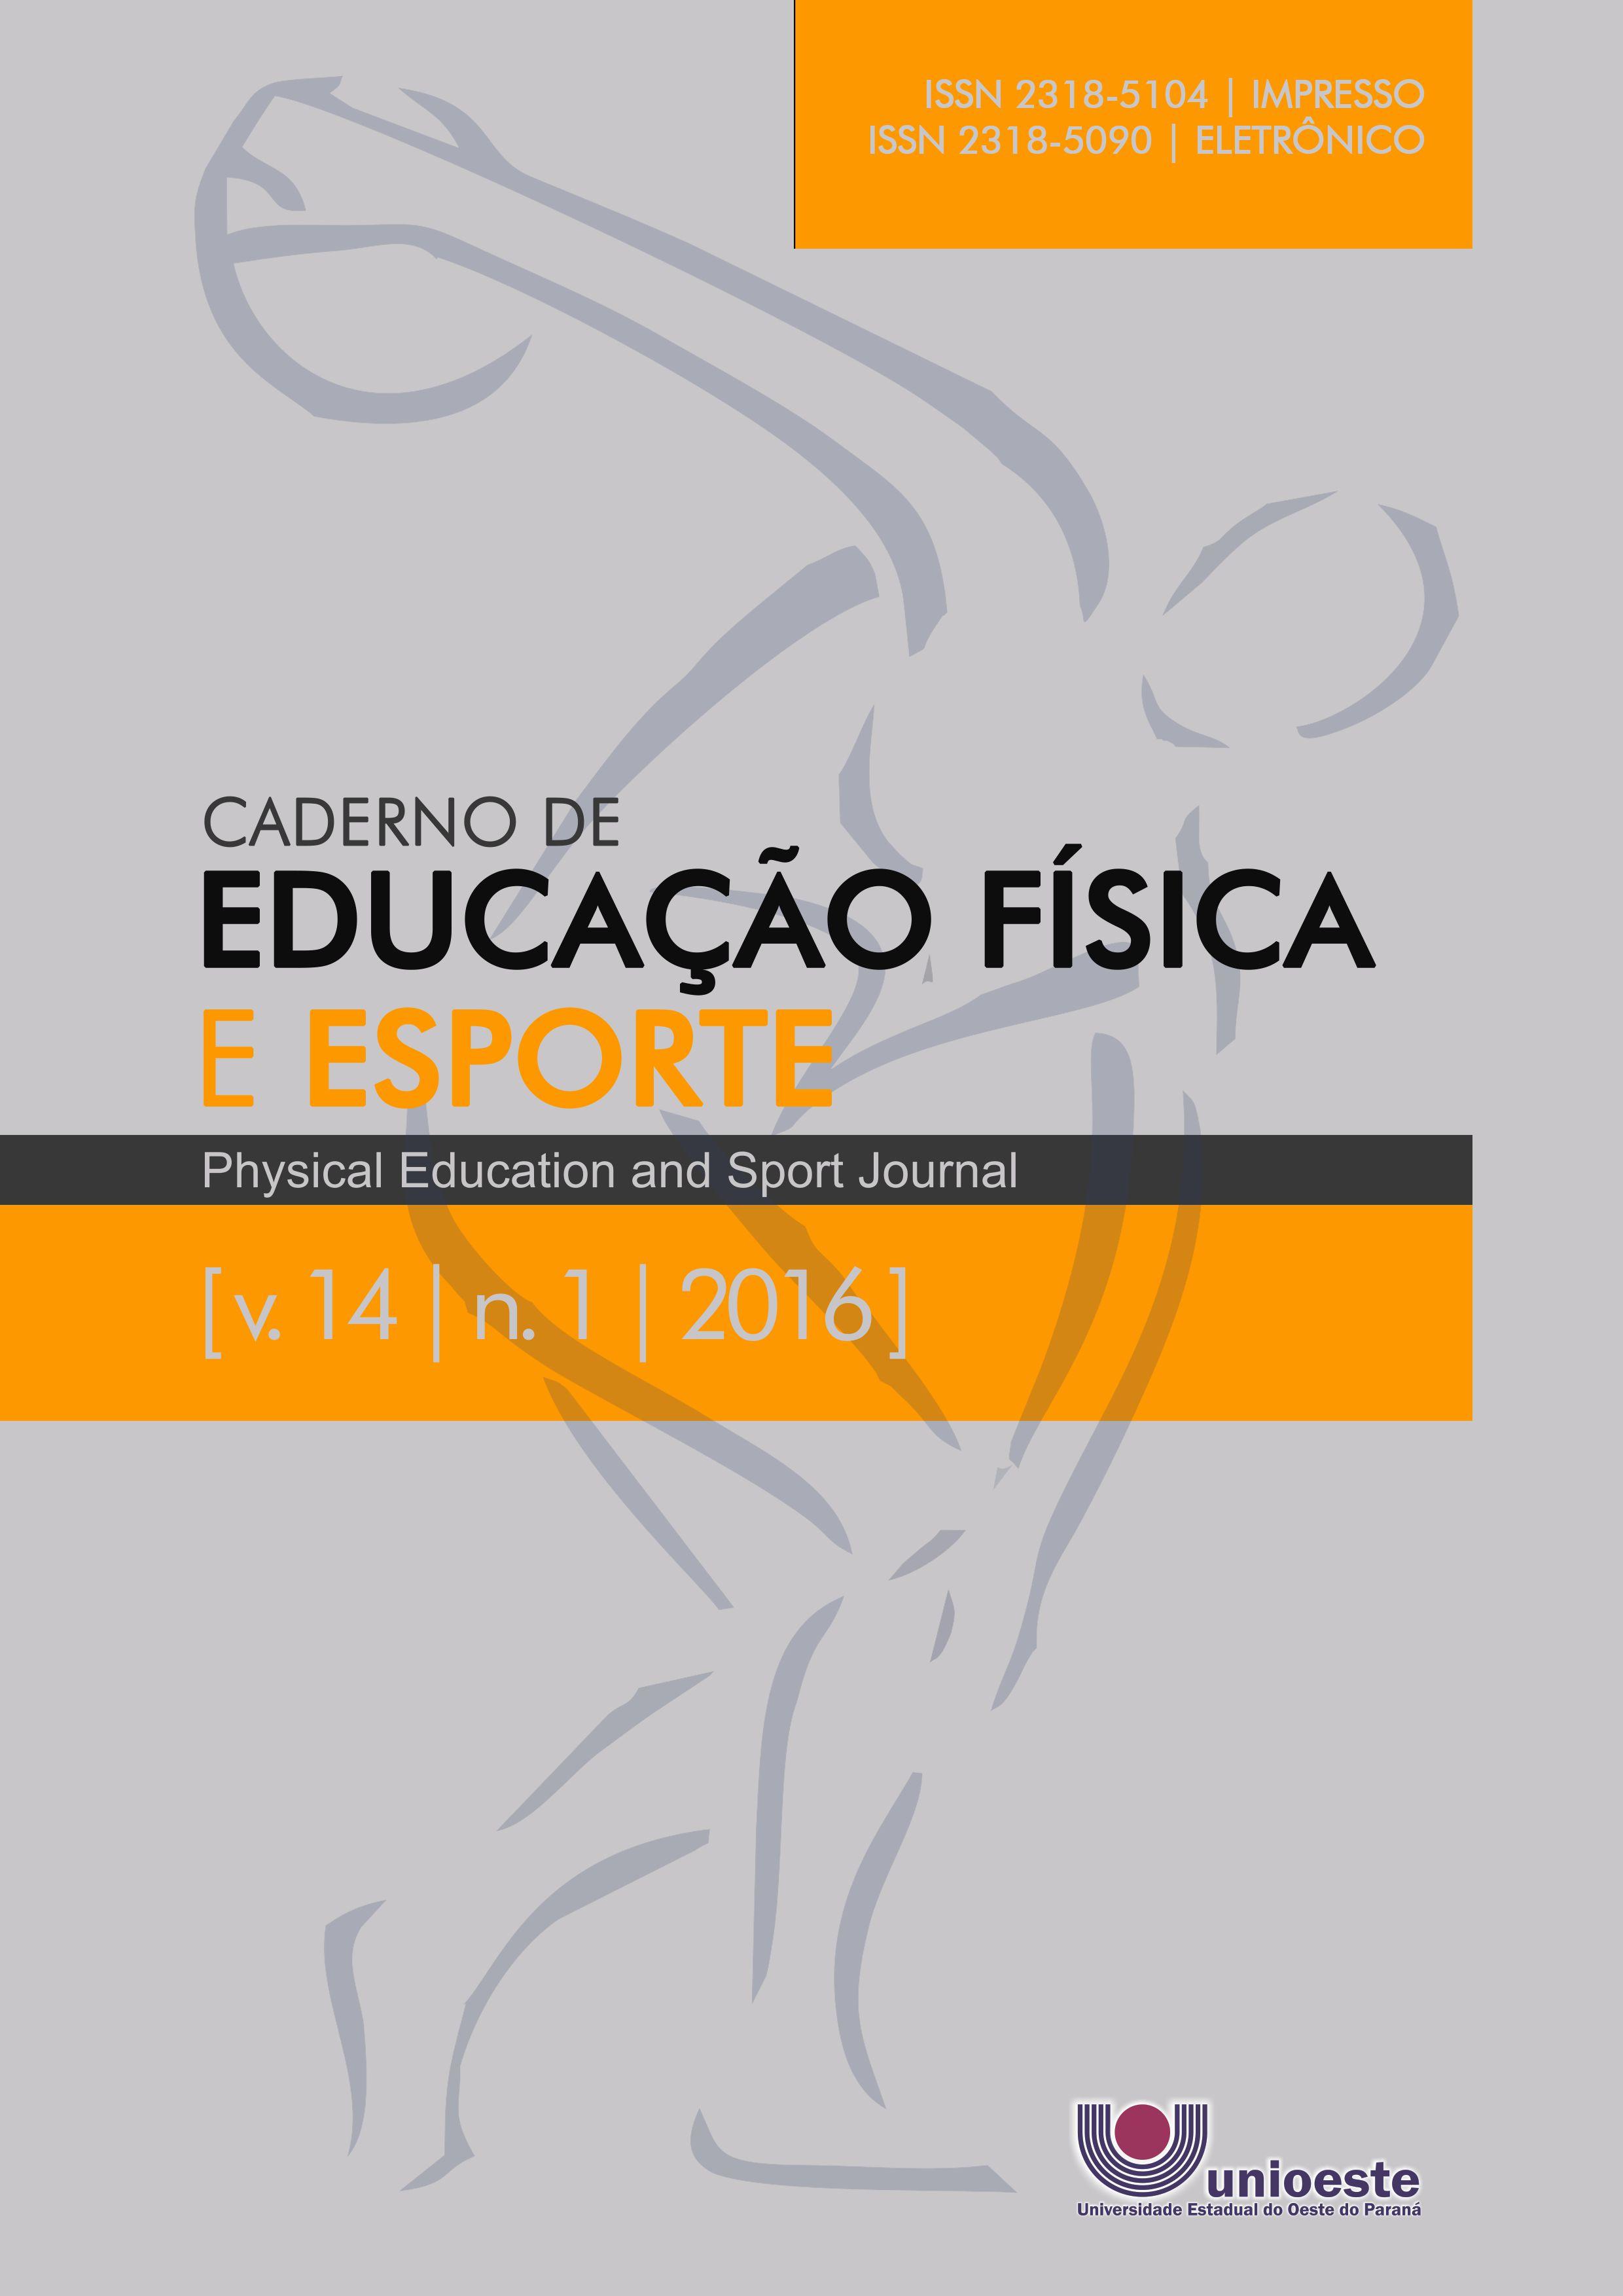 Visualizar v. 14 n. 1 (2016): Caderno de Educação Física e Esporte